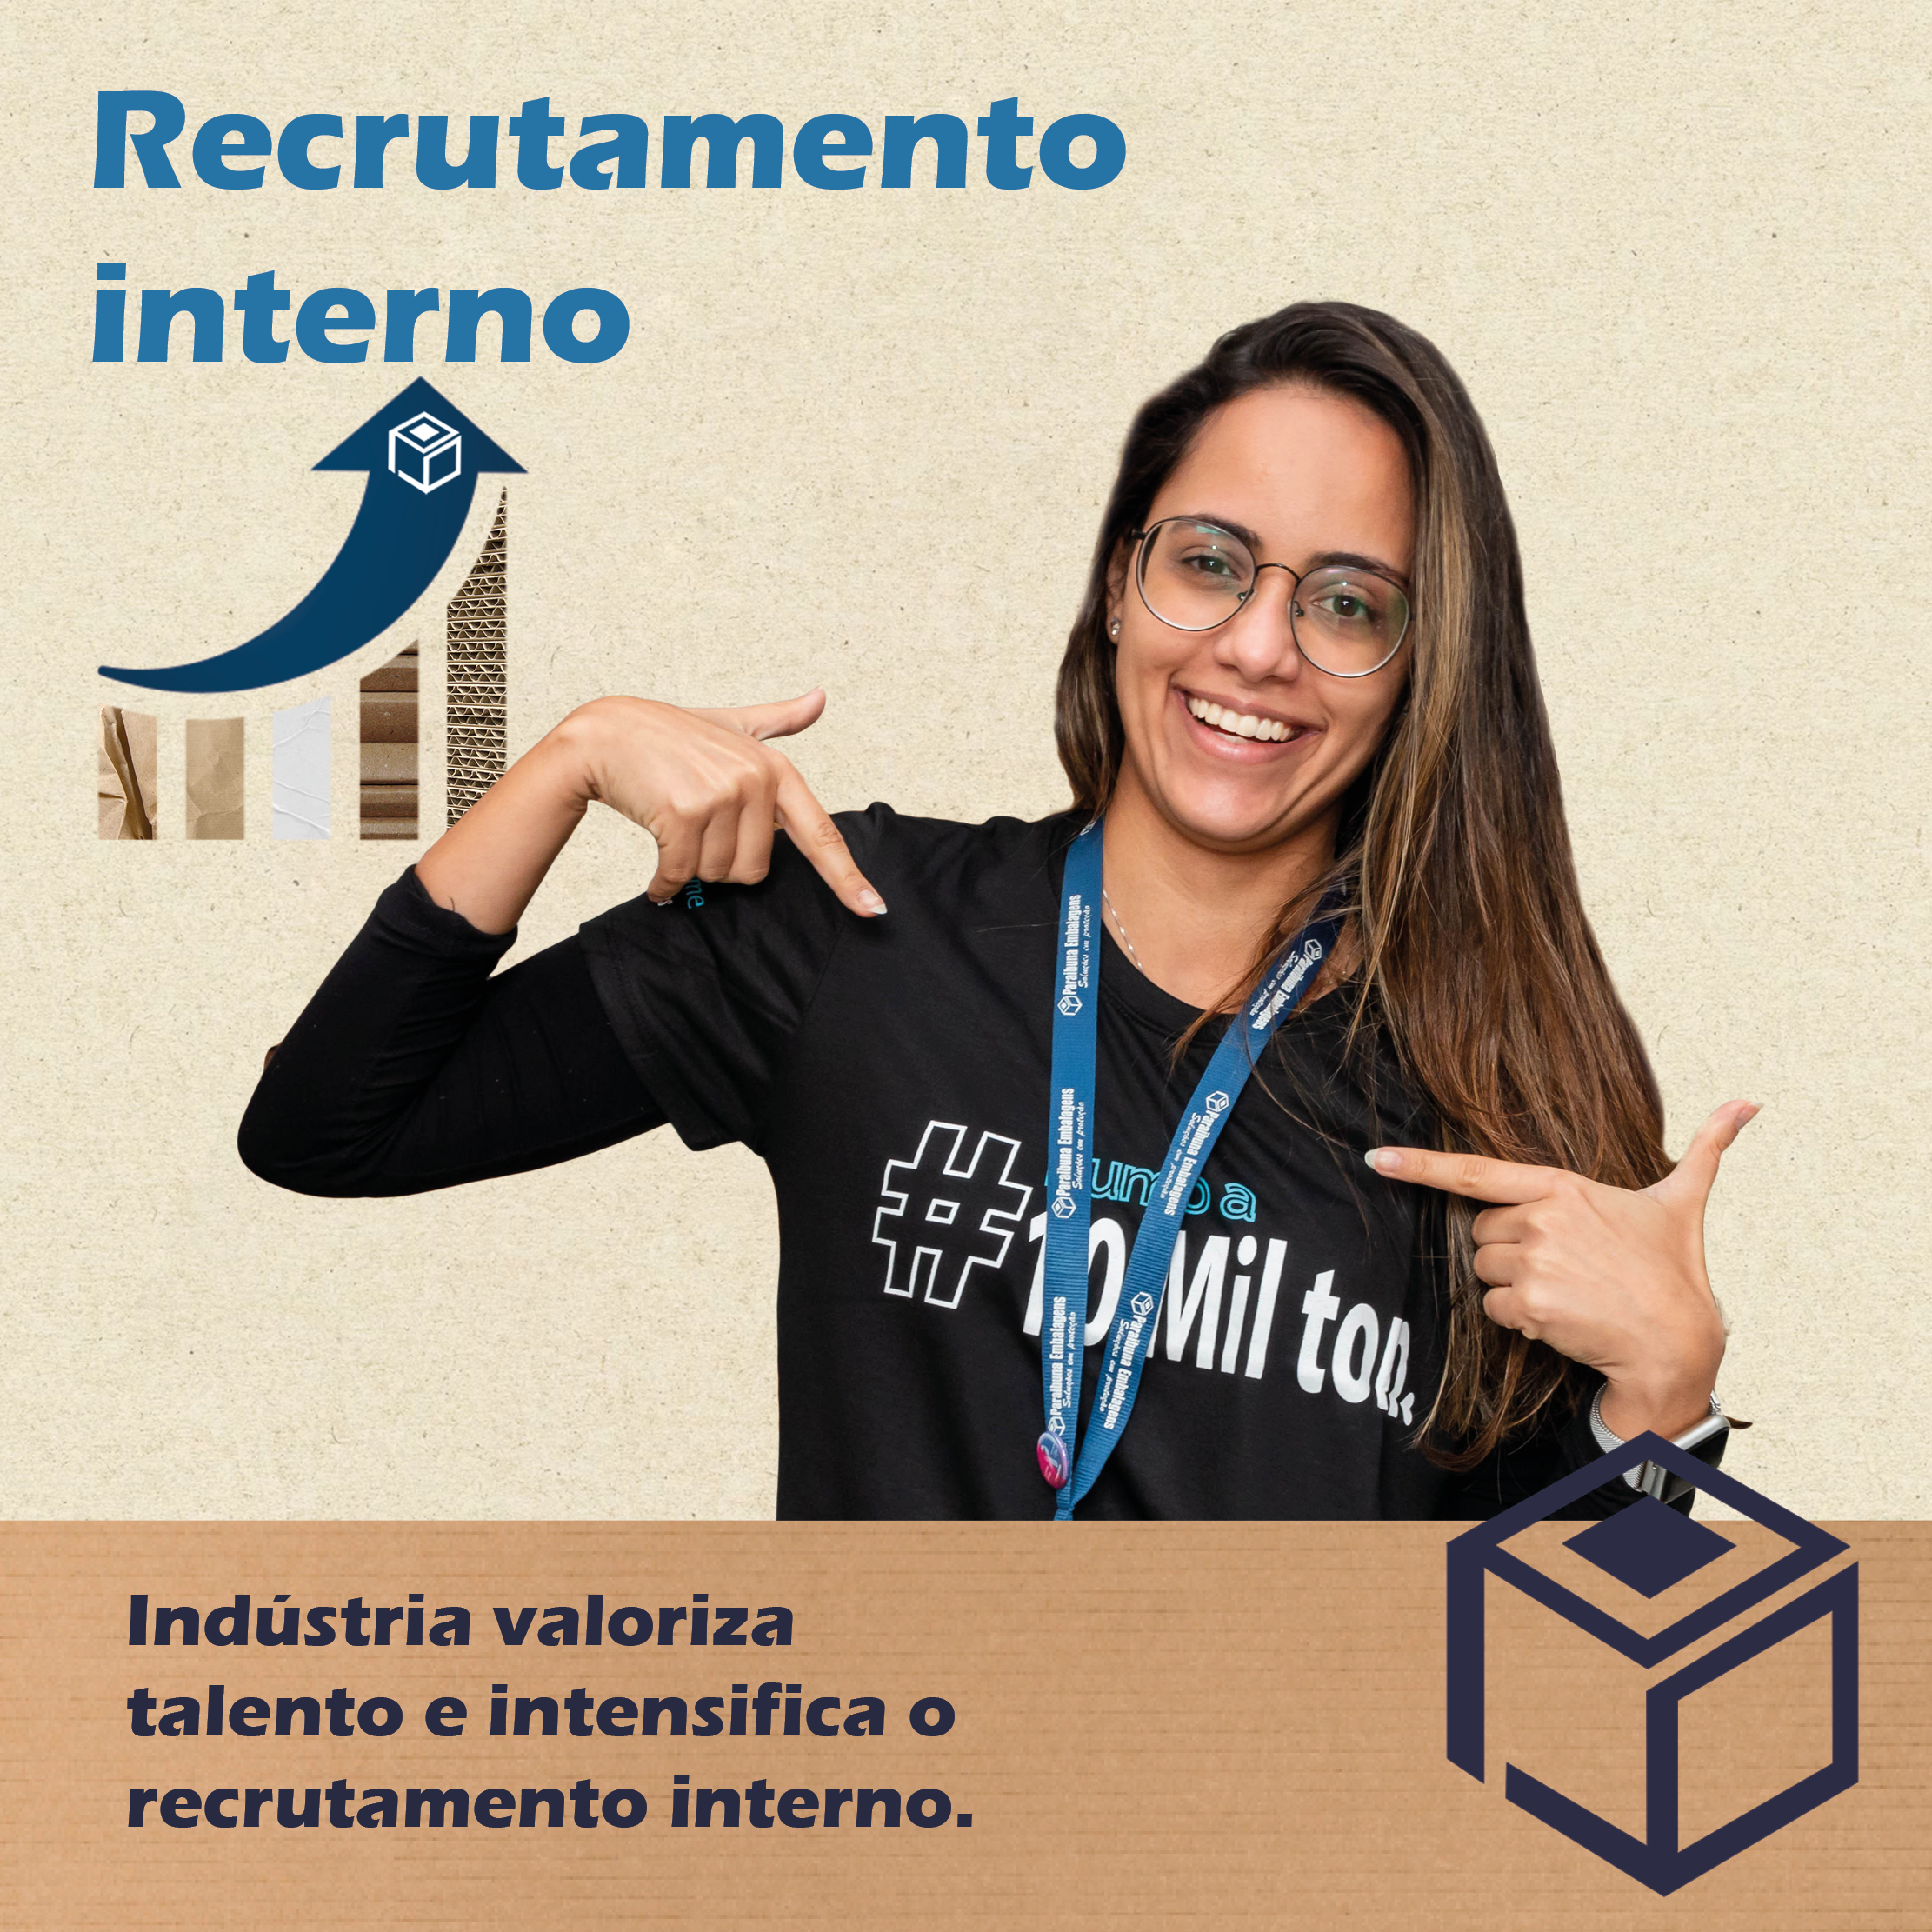 Indústria valoriza talento e intensifica o recrutamento interno